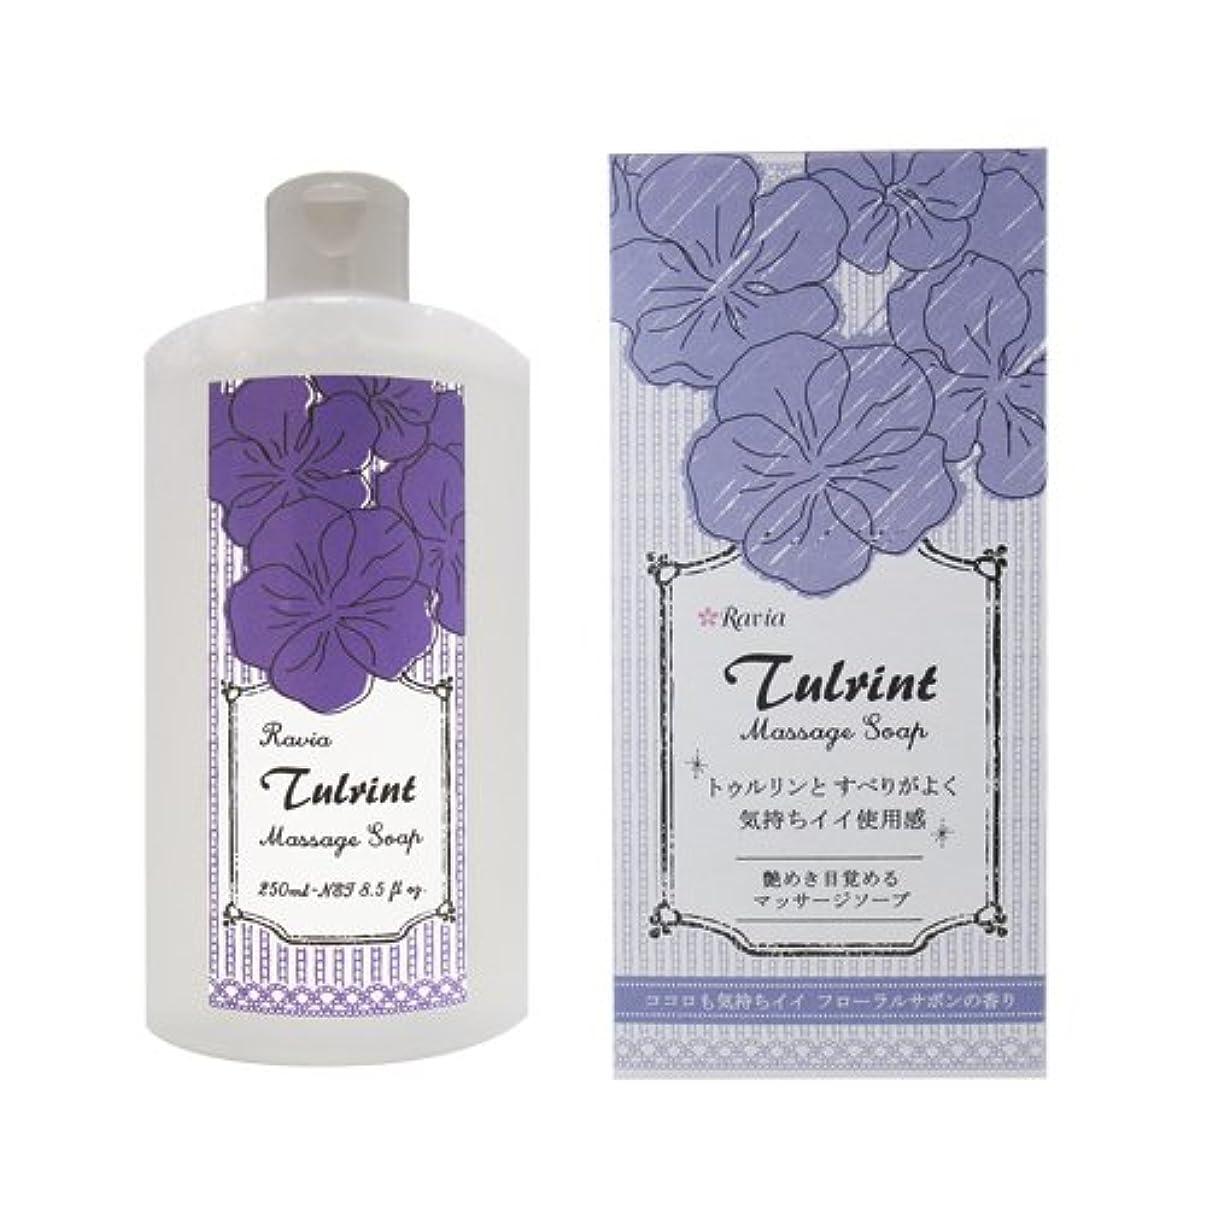 スライムメッセージ半島【マッサージソープ】ラヴィア(Ravia) トゥルリント マッサージソープ(Tulrint Massage soap) 250ml フローラルサボンの香り